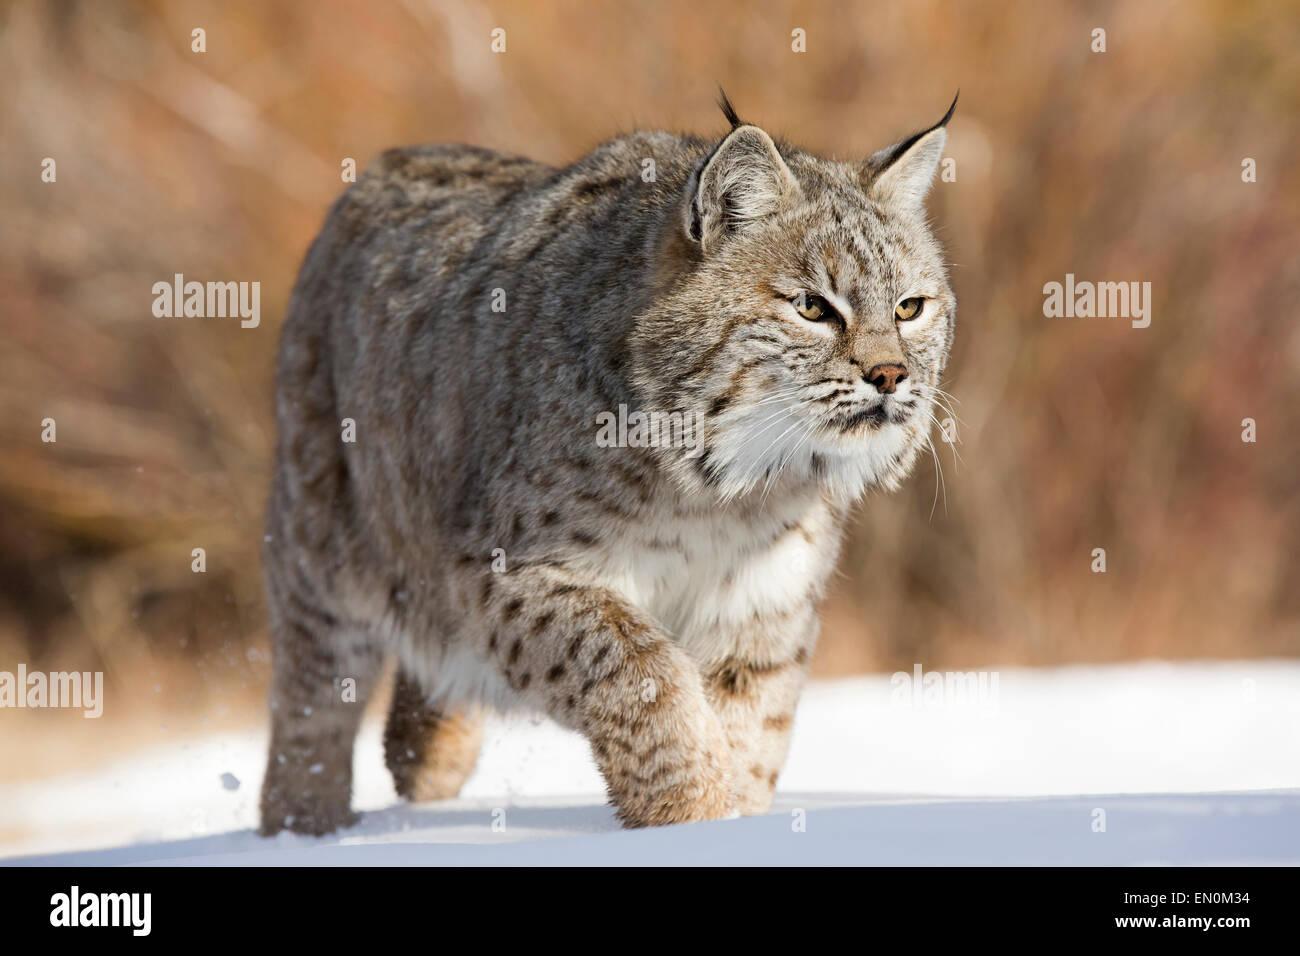 El gato montés (Felis rufus) caminando por la nieve en busca de comida Foto de stock